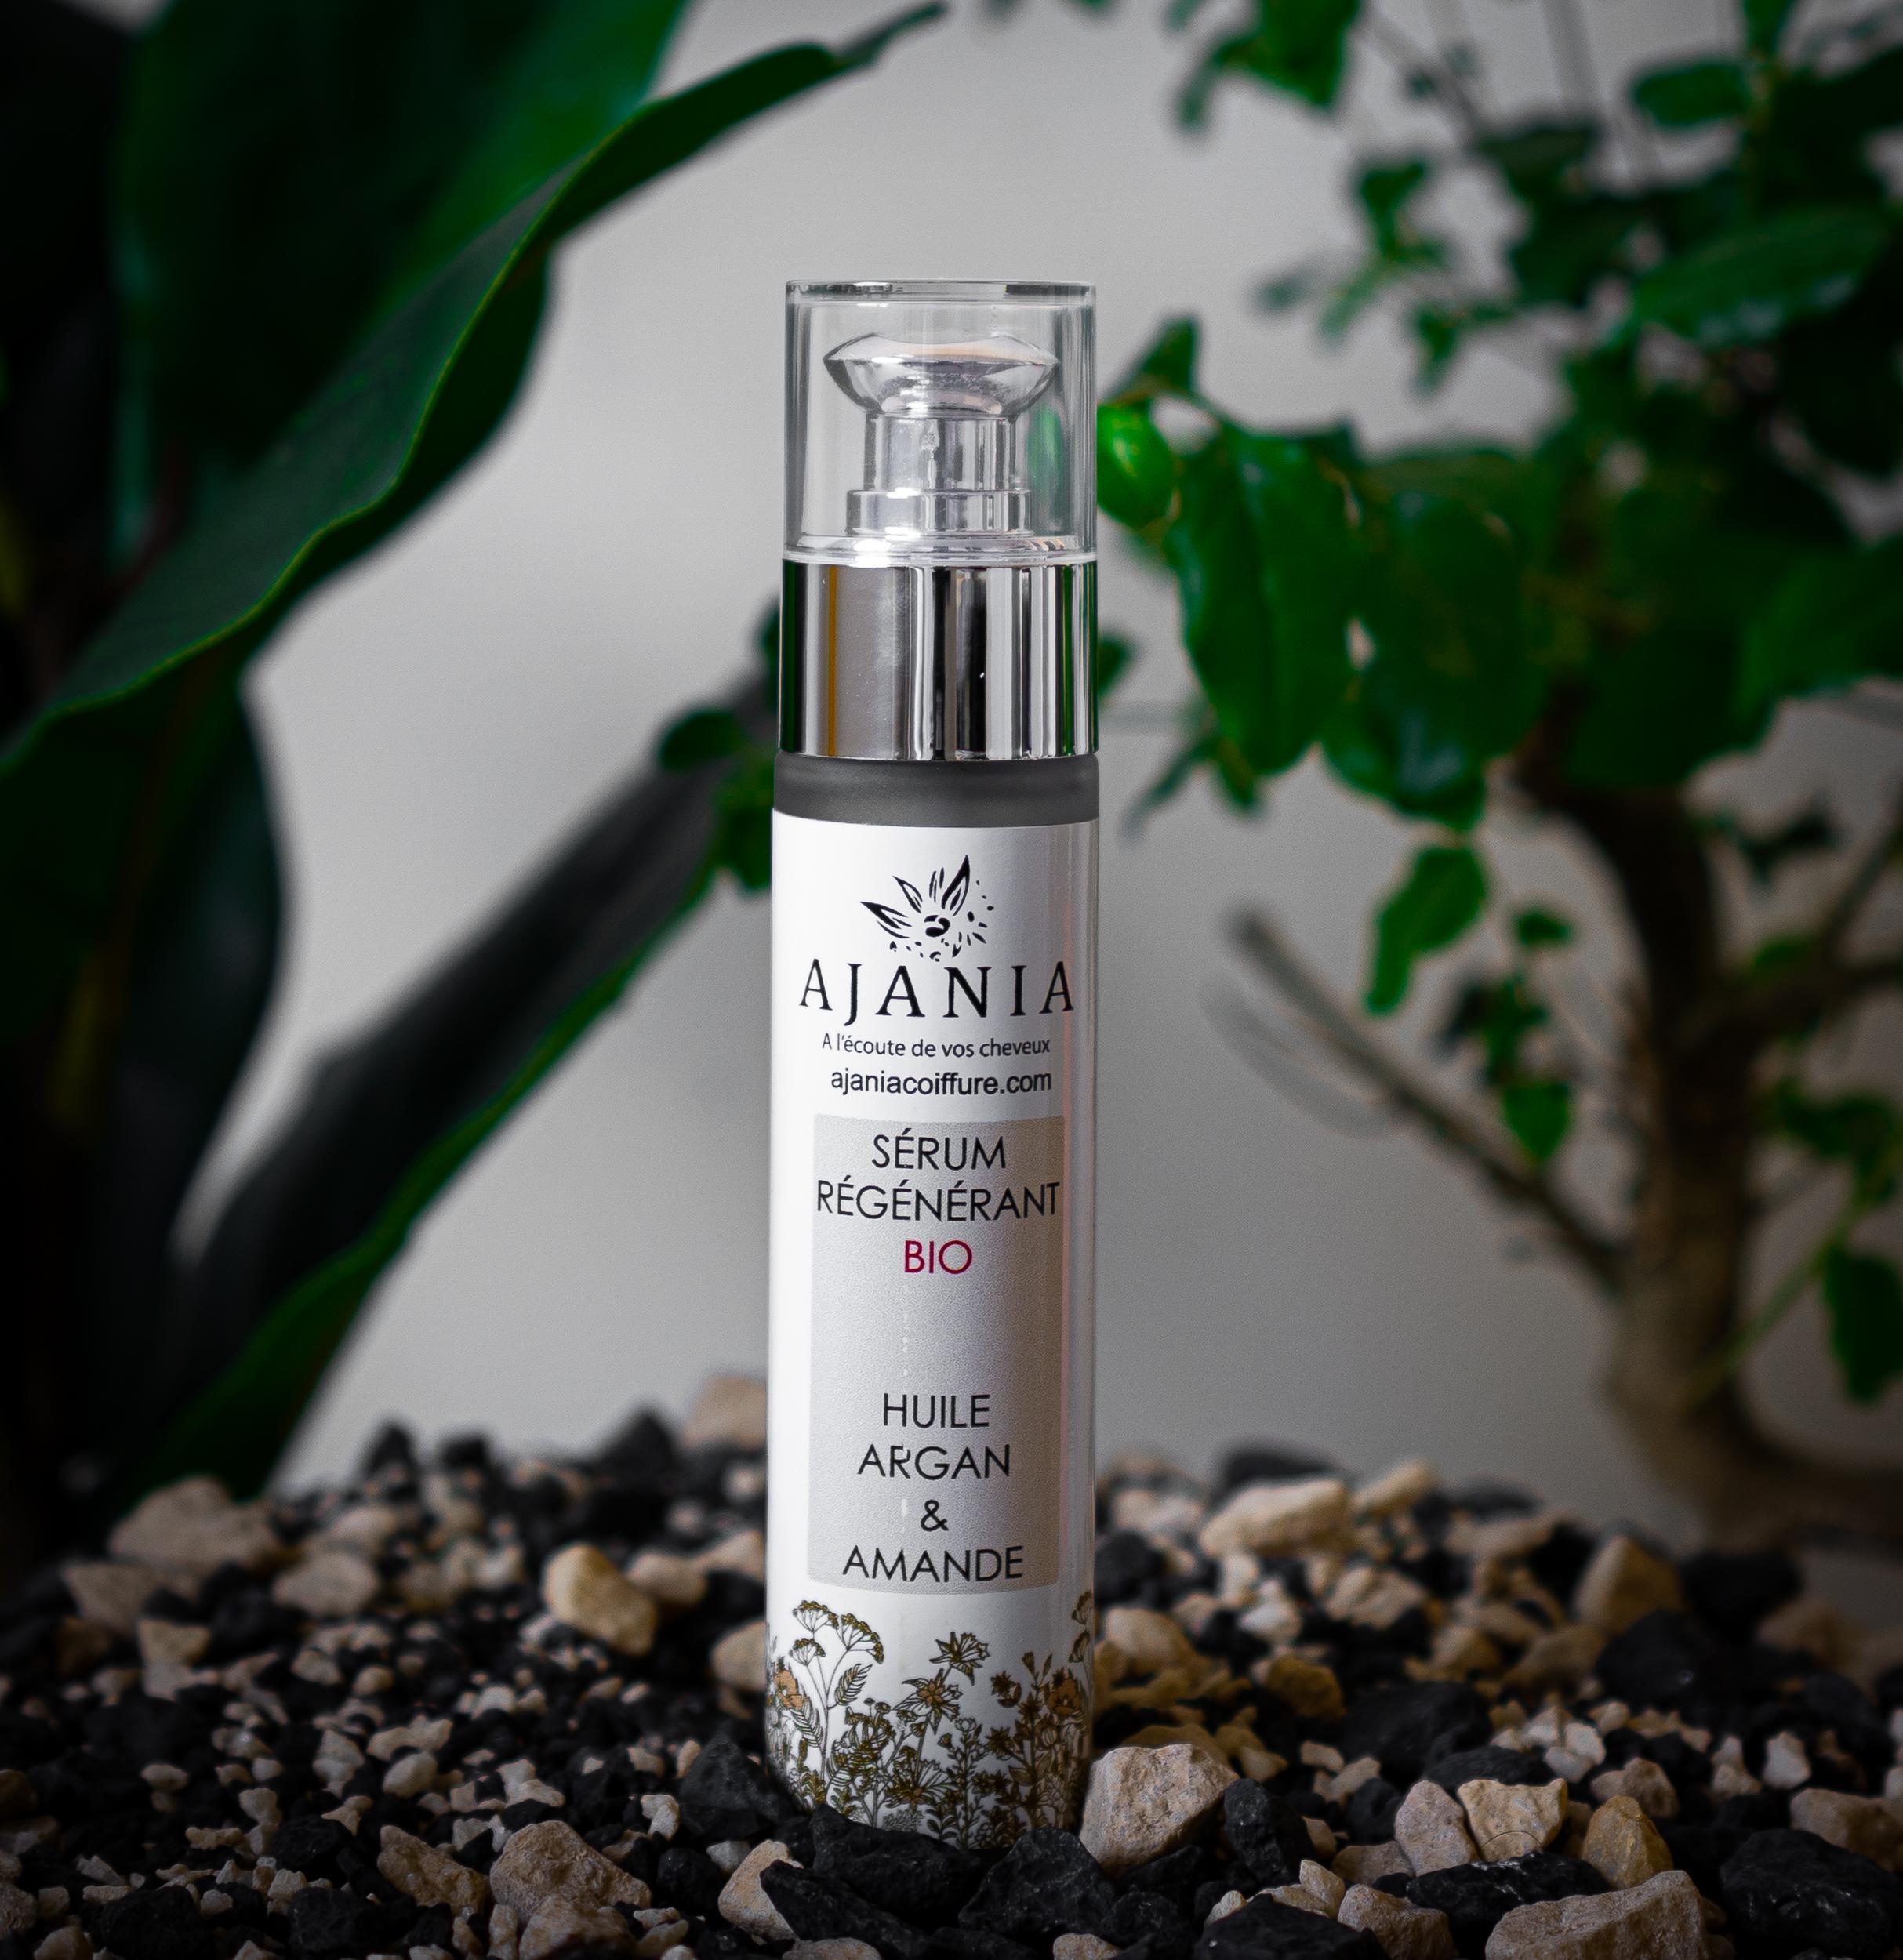 Ajania - Serum régénérant bio - 75 ml - Sérum beauté huile d\'Argan et amande